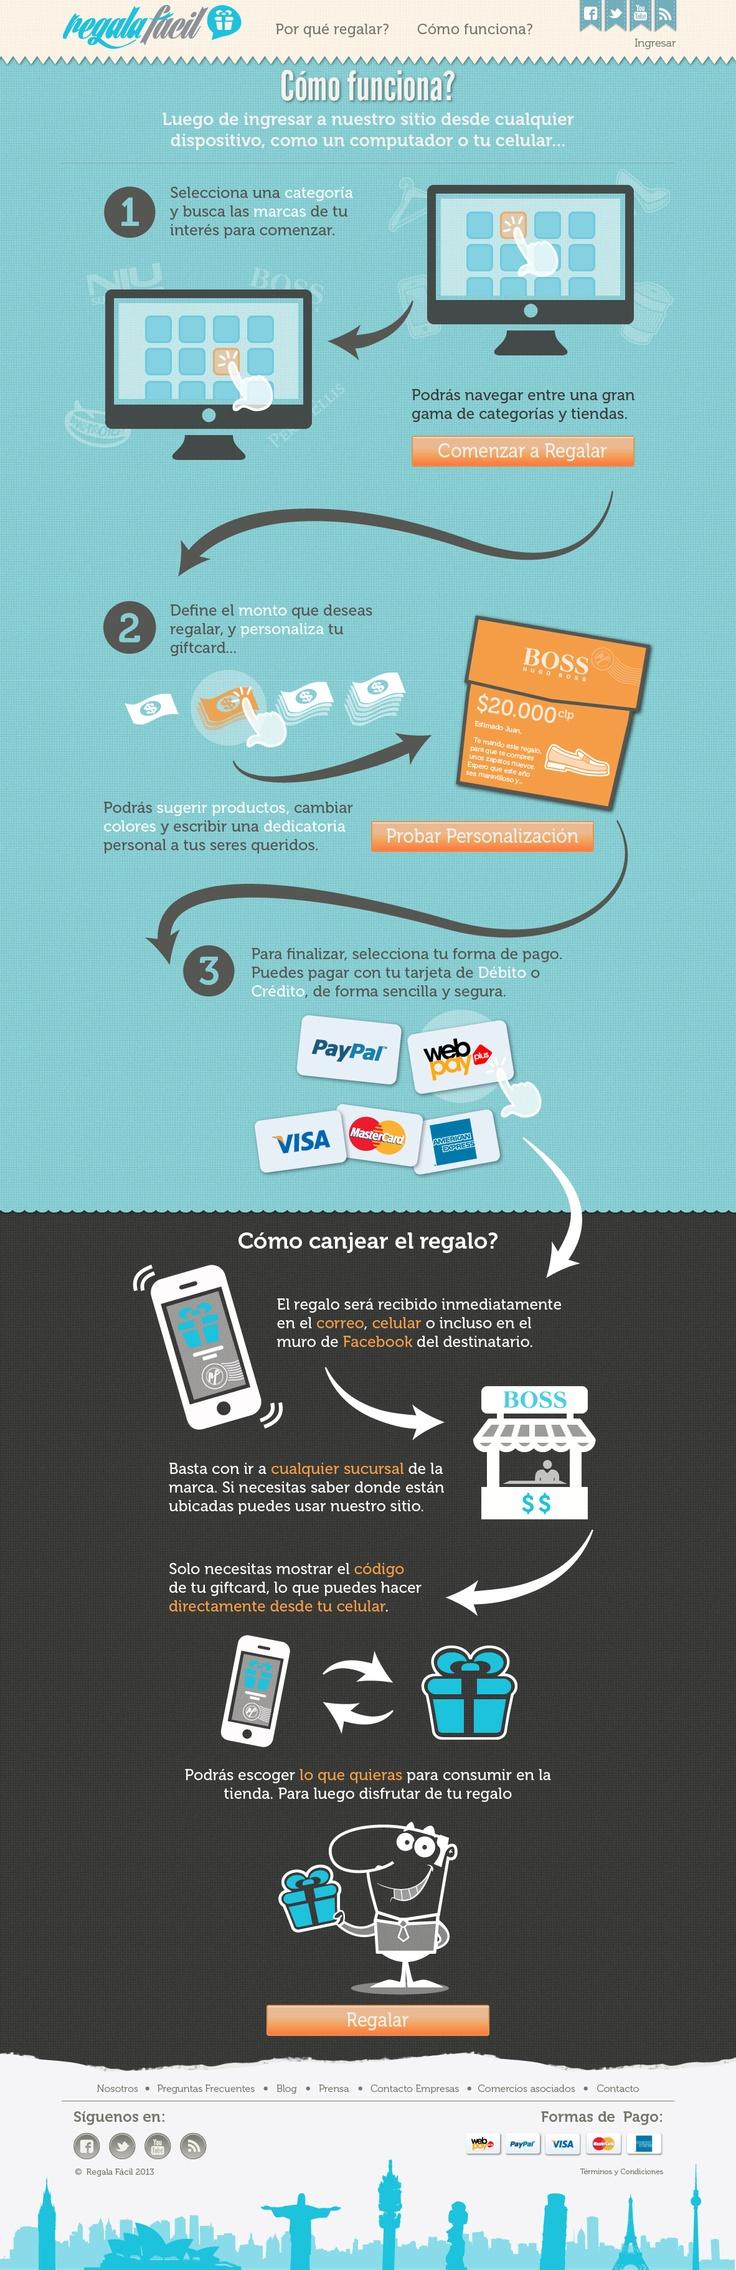 como funciona Regala Fácil www.regalafacil.com